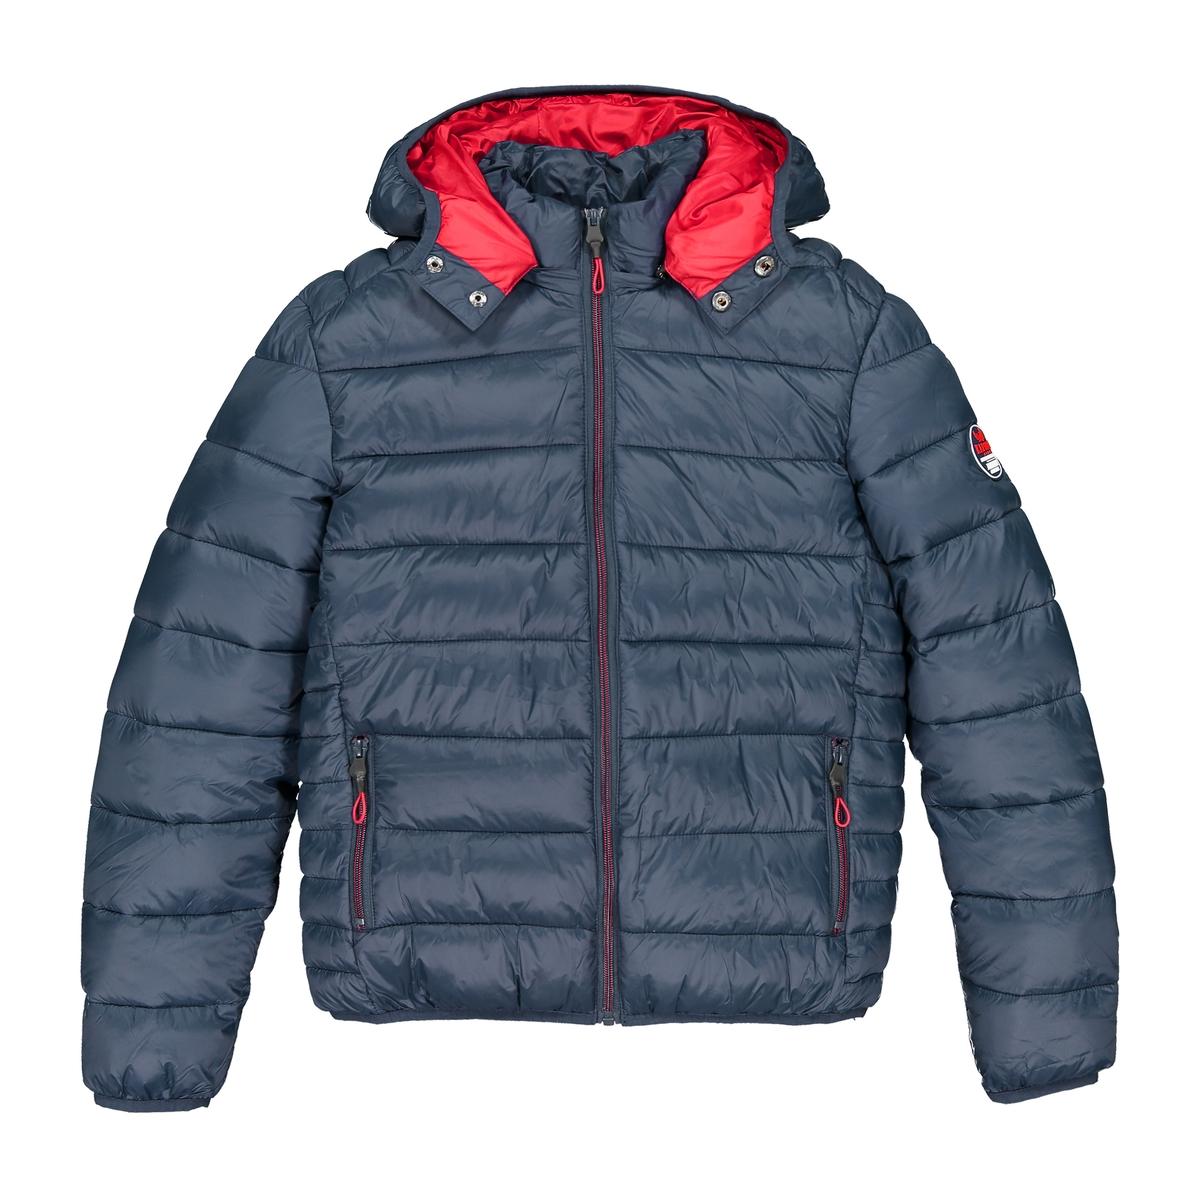 Куртка La Redoute Стеганая с капюшоном 14 лет - 162 см синий пуховая стеганая куртка с капюшоном